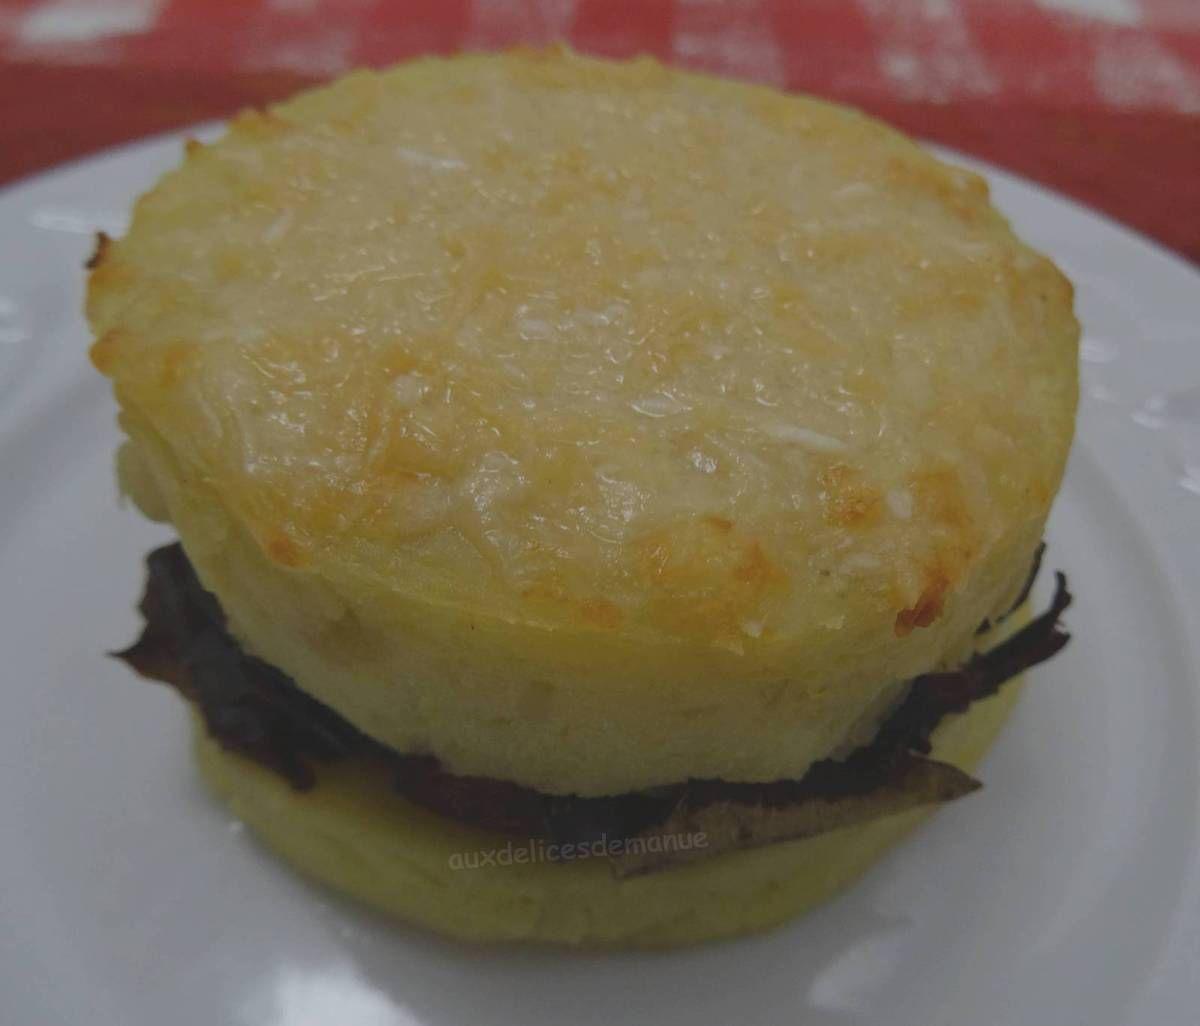 parmentier, purée, écrasé de pommes de terre, champignons, champignons déshydratés, accompagnement, recette de fêtes pas cher